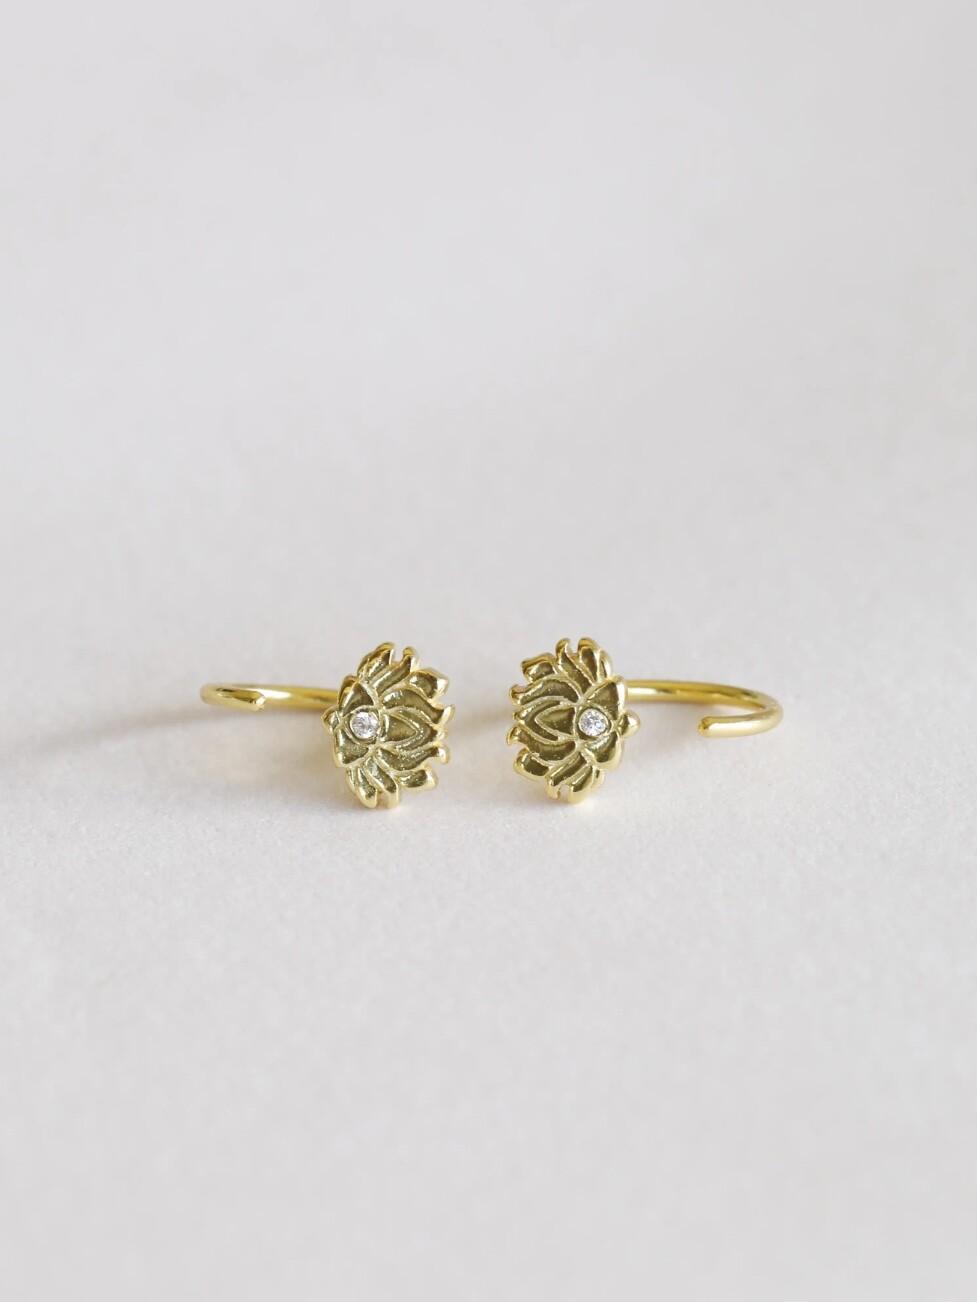 18Kt Gold Vermeil Lotus Hugger Hoop Earrings - JK61